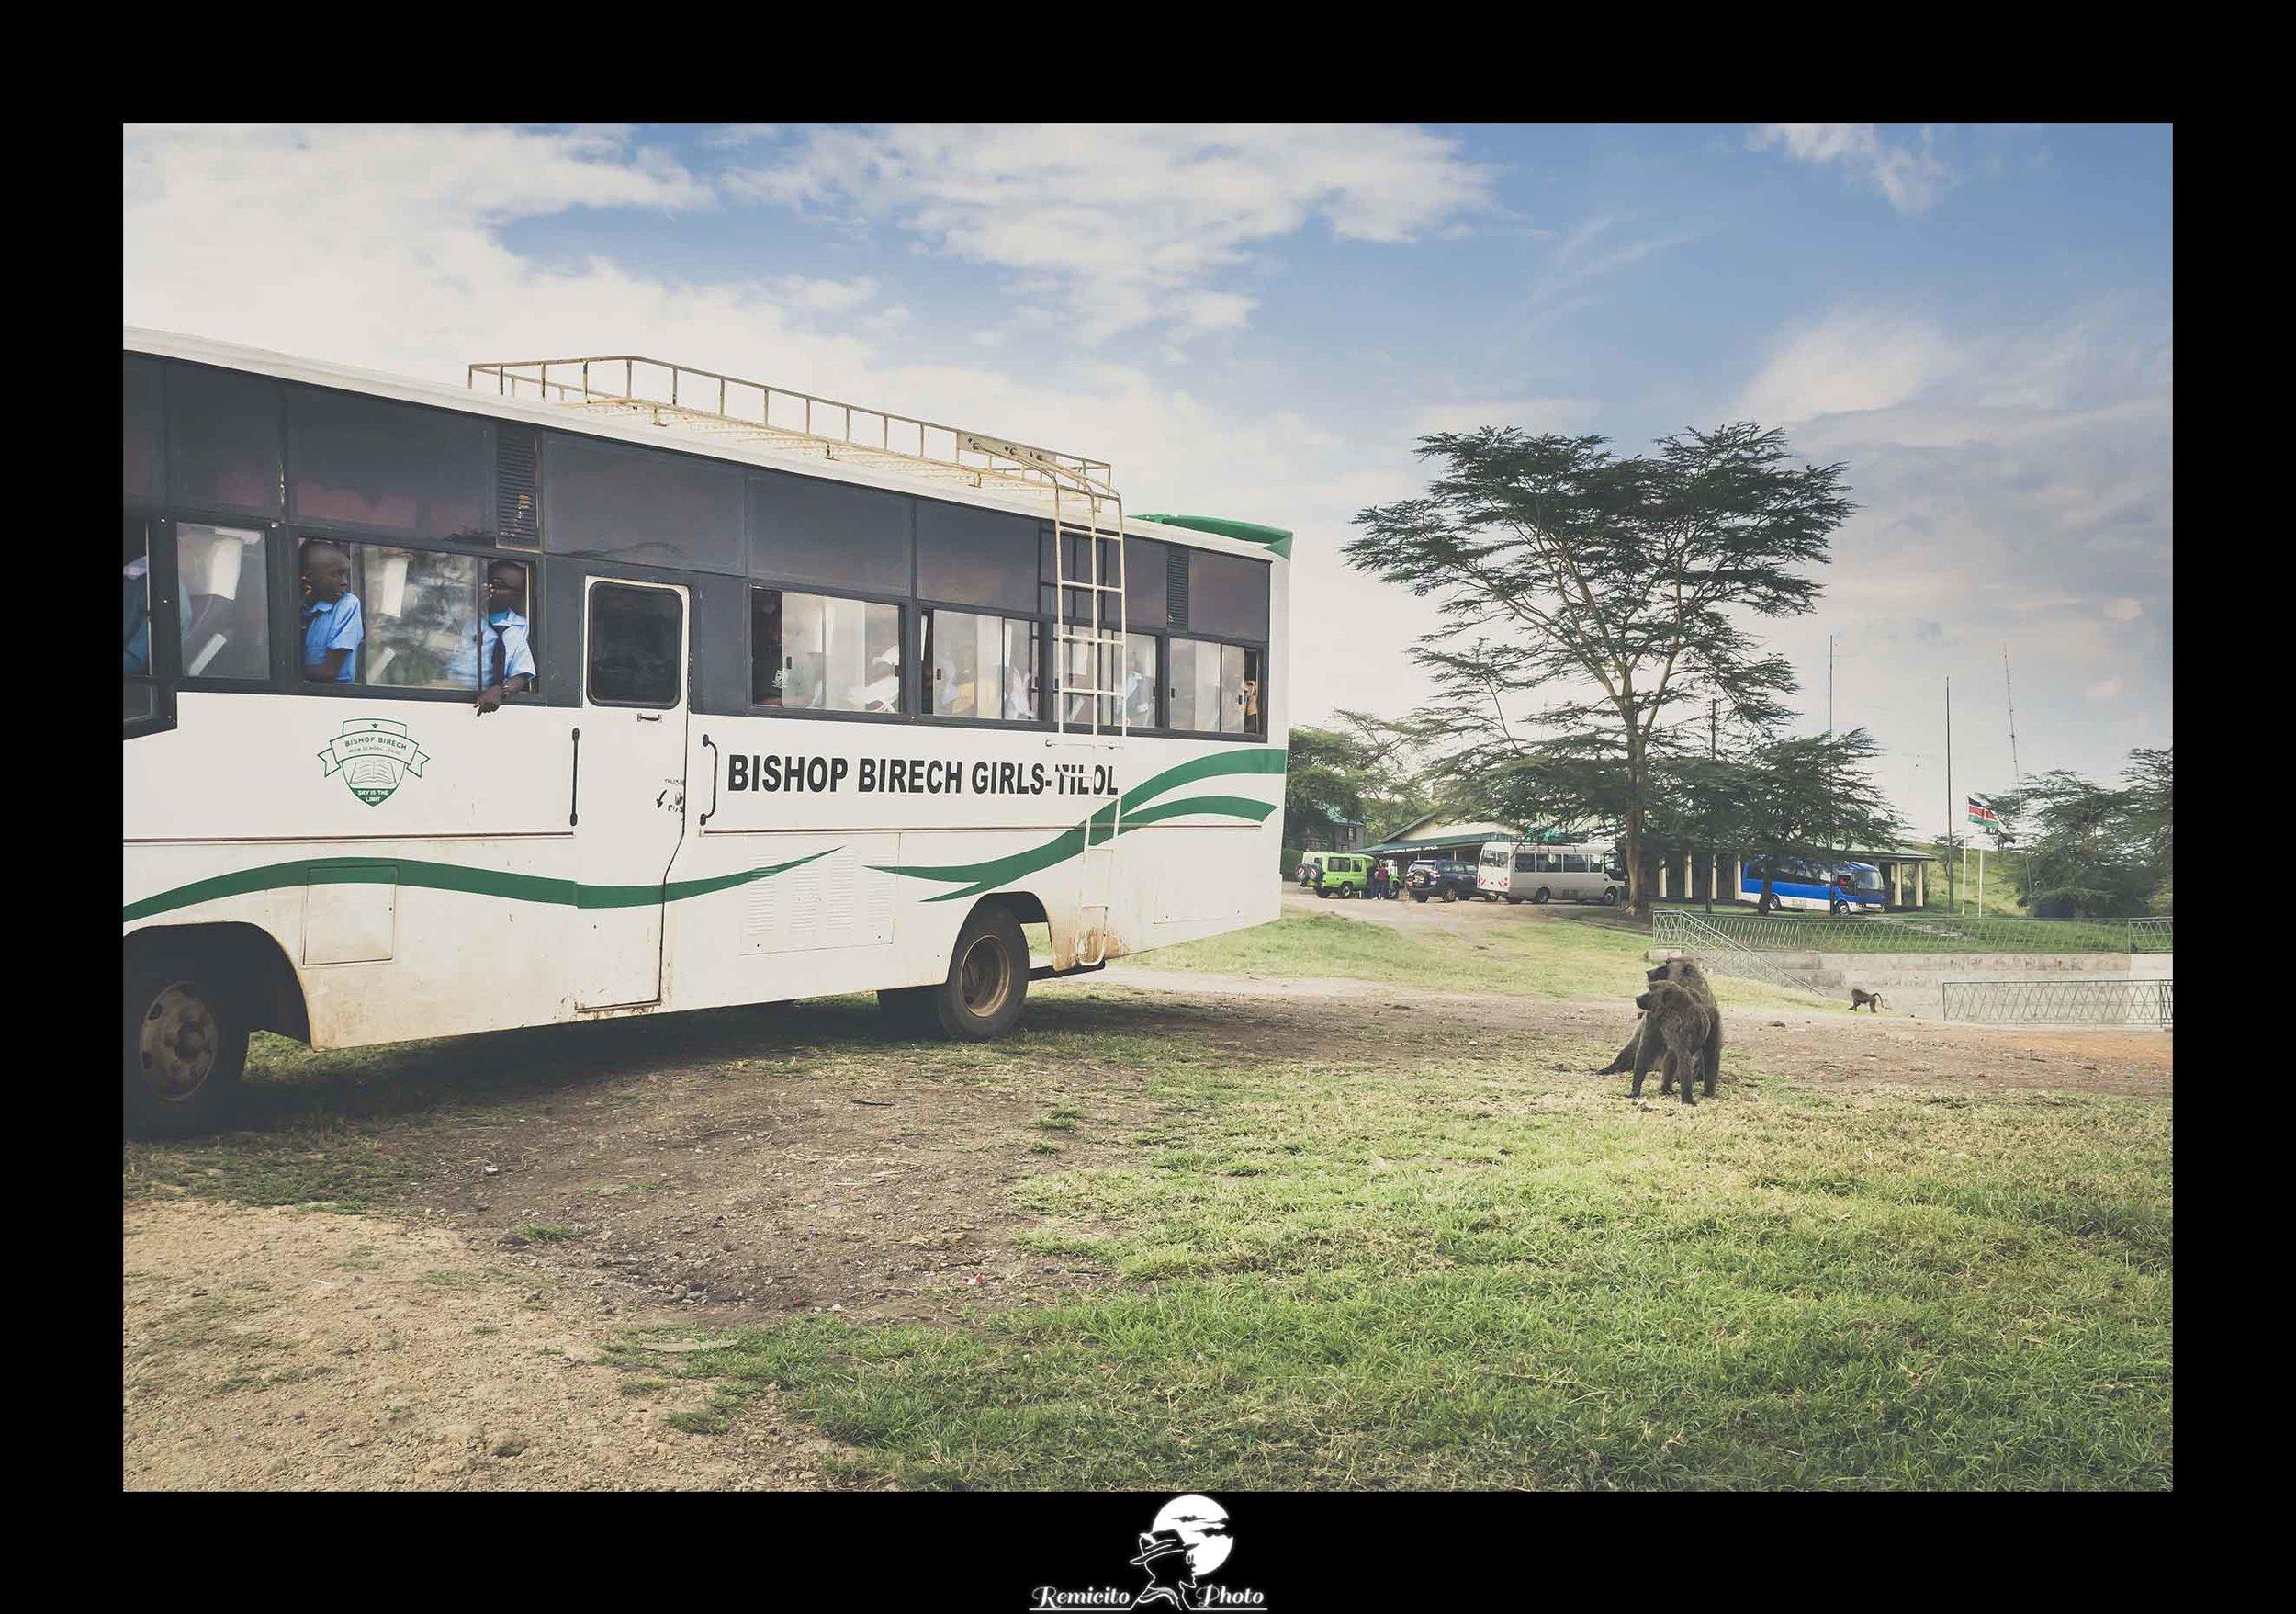 remicito photo, remicito, image du jour, photo du jour, photo of the day, nakuru national park photo monkey, singe parc national Nakuru, belle photo singes, idée cadeau photo singes, écoliers Kenya, photo singe Kenya